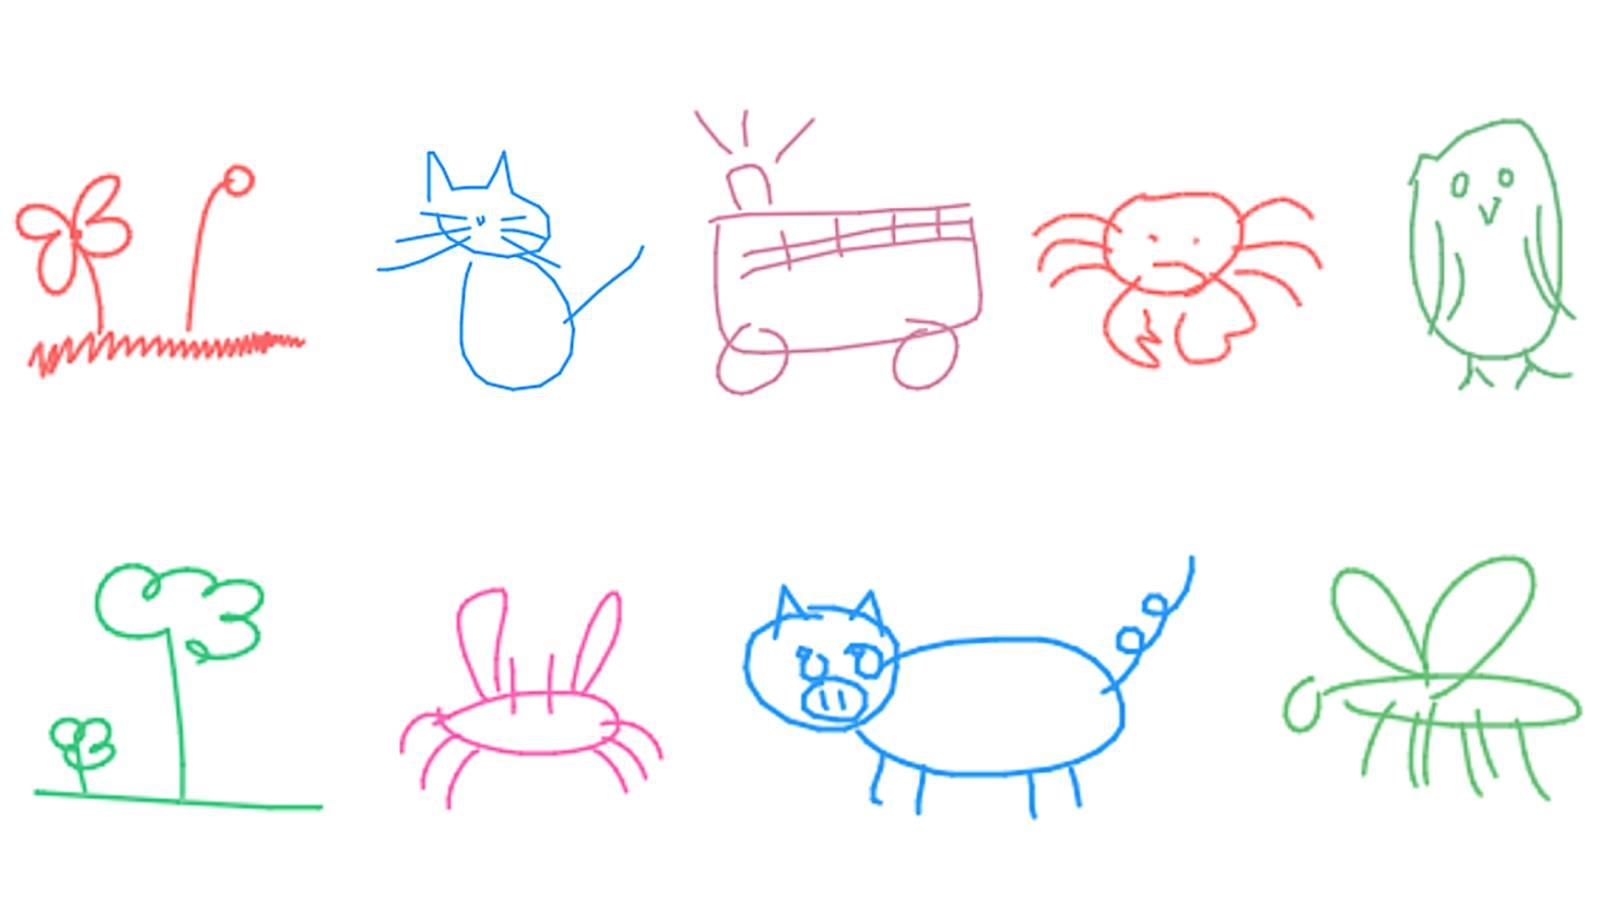 一些 sketch-rnn 创作的画